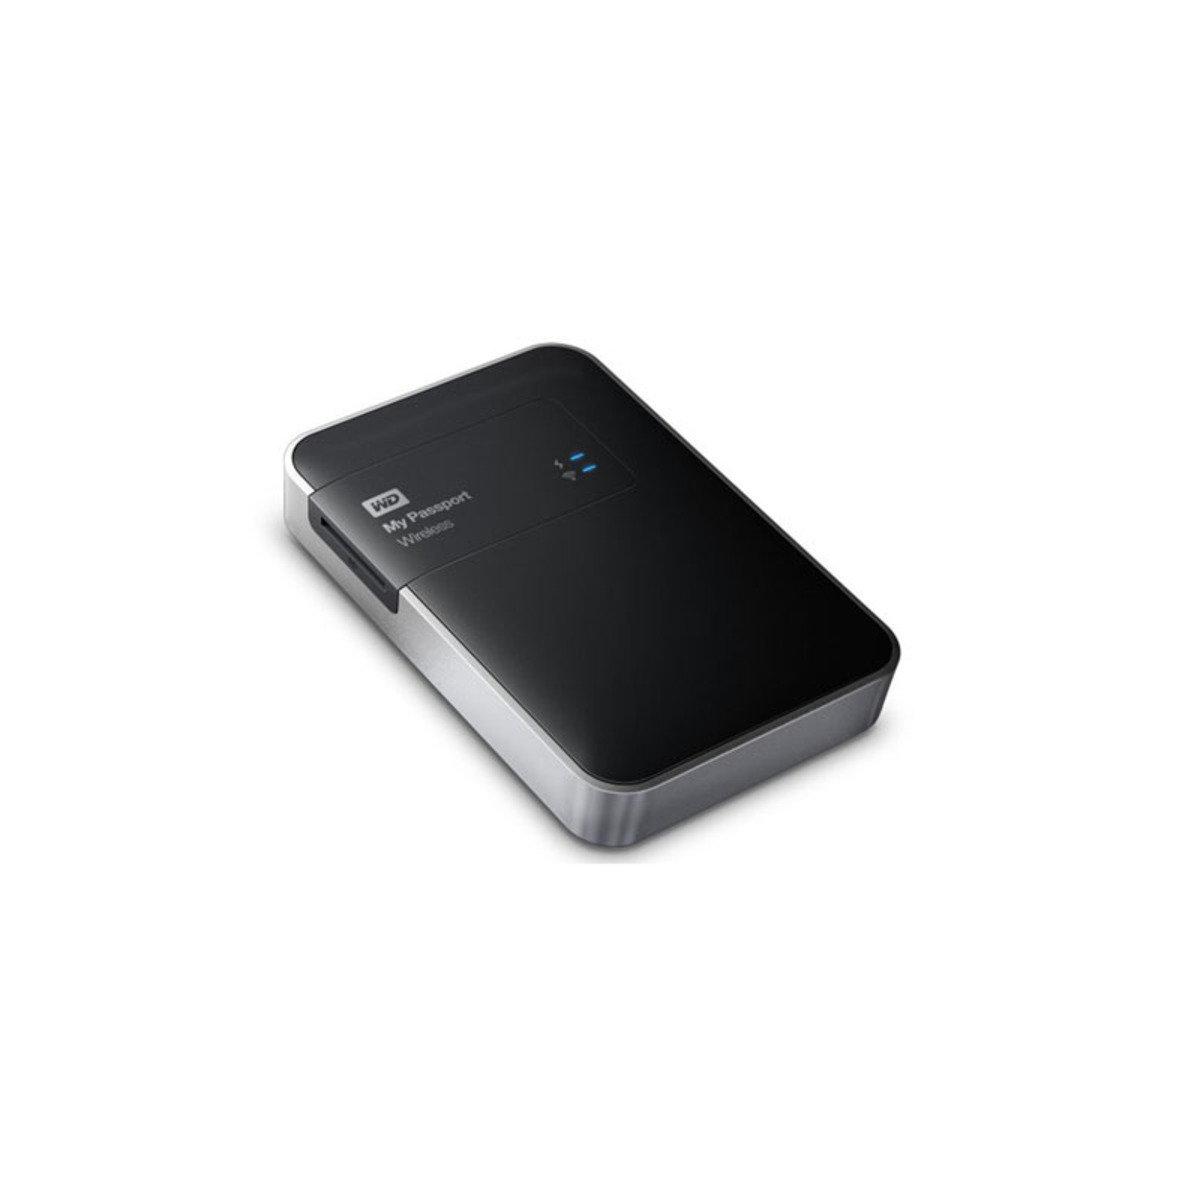 My Passport Wireless 2TB 充電式無線外置硬碟